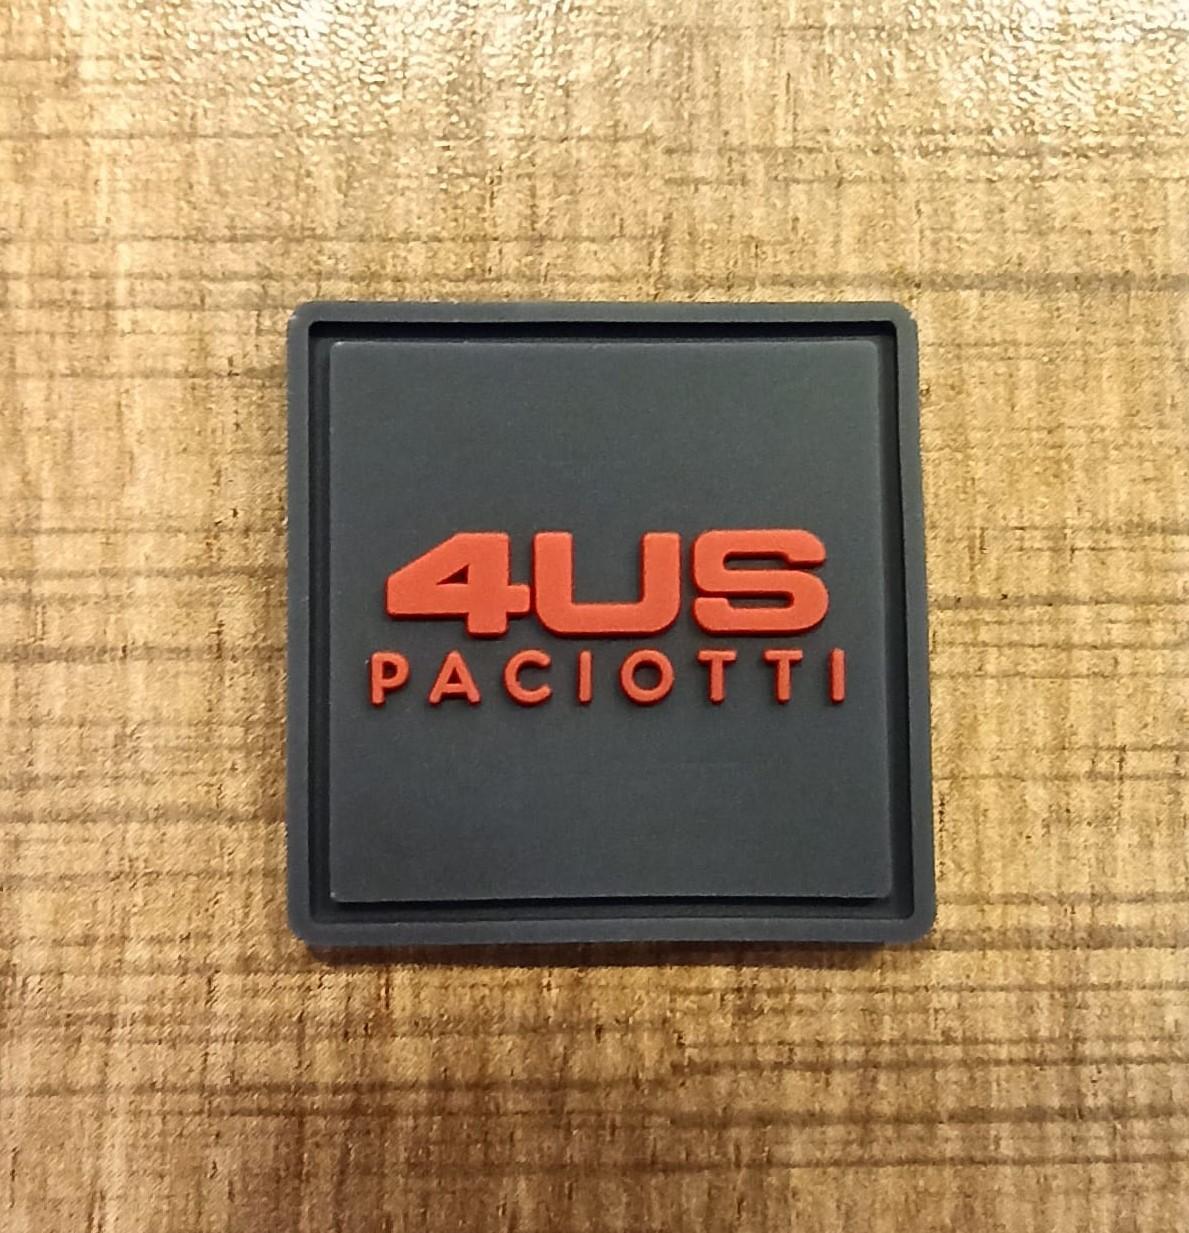 4us silikon etiket